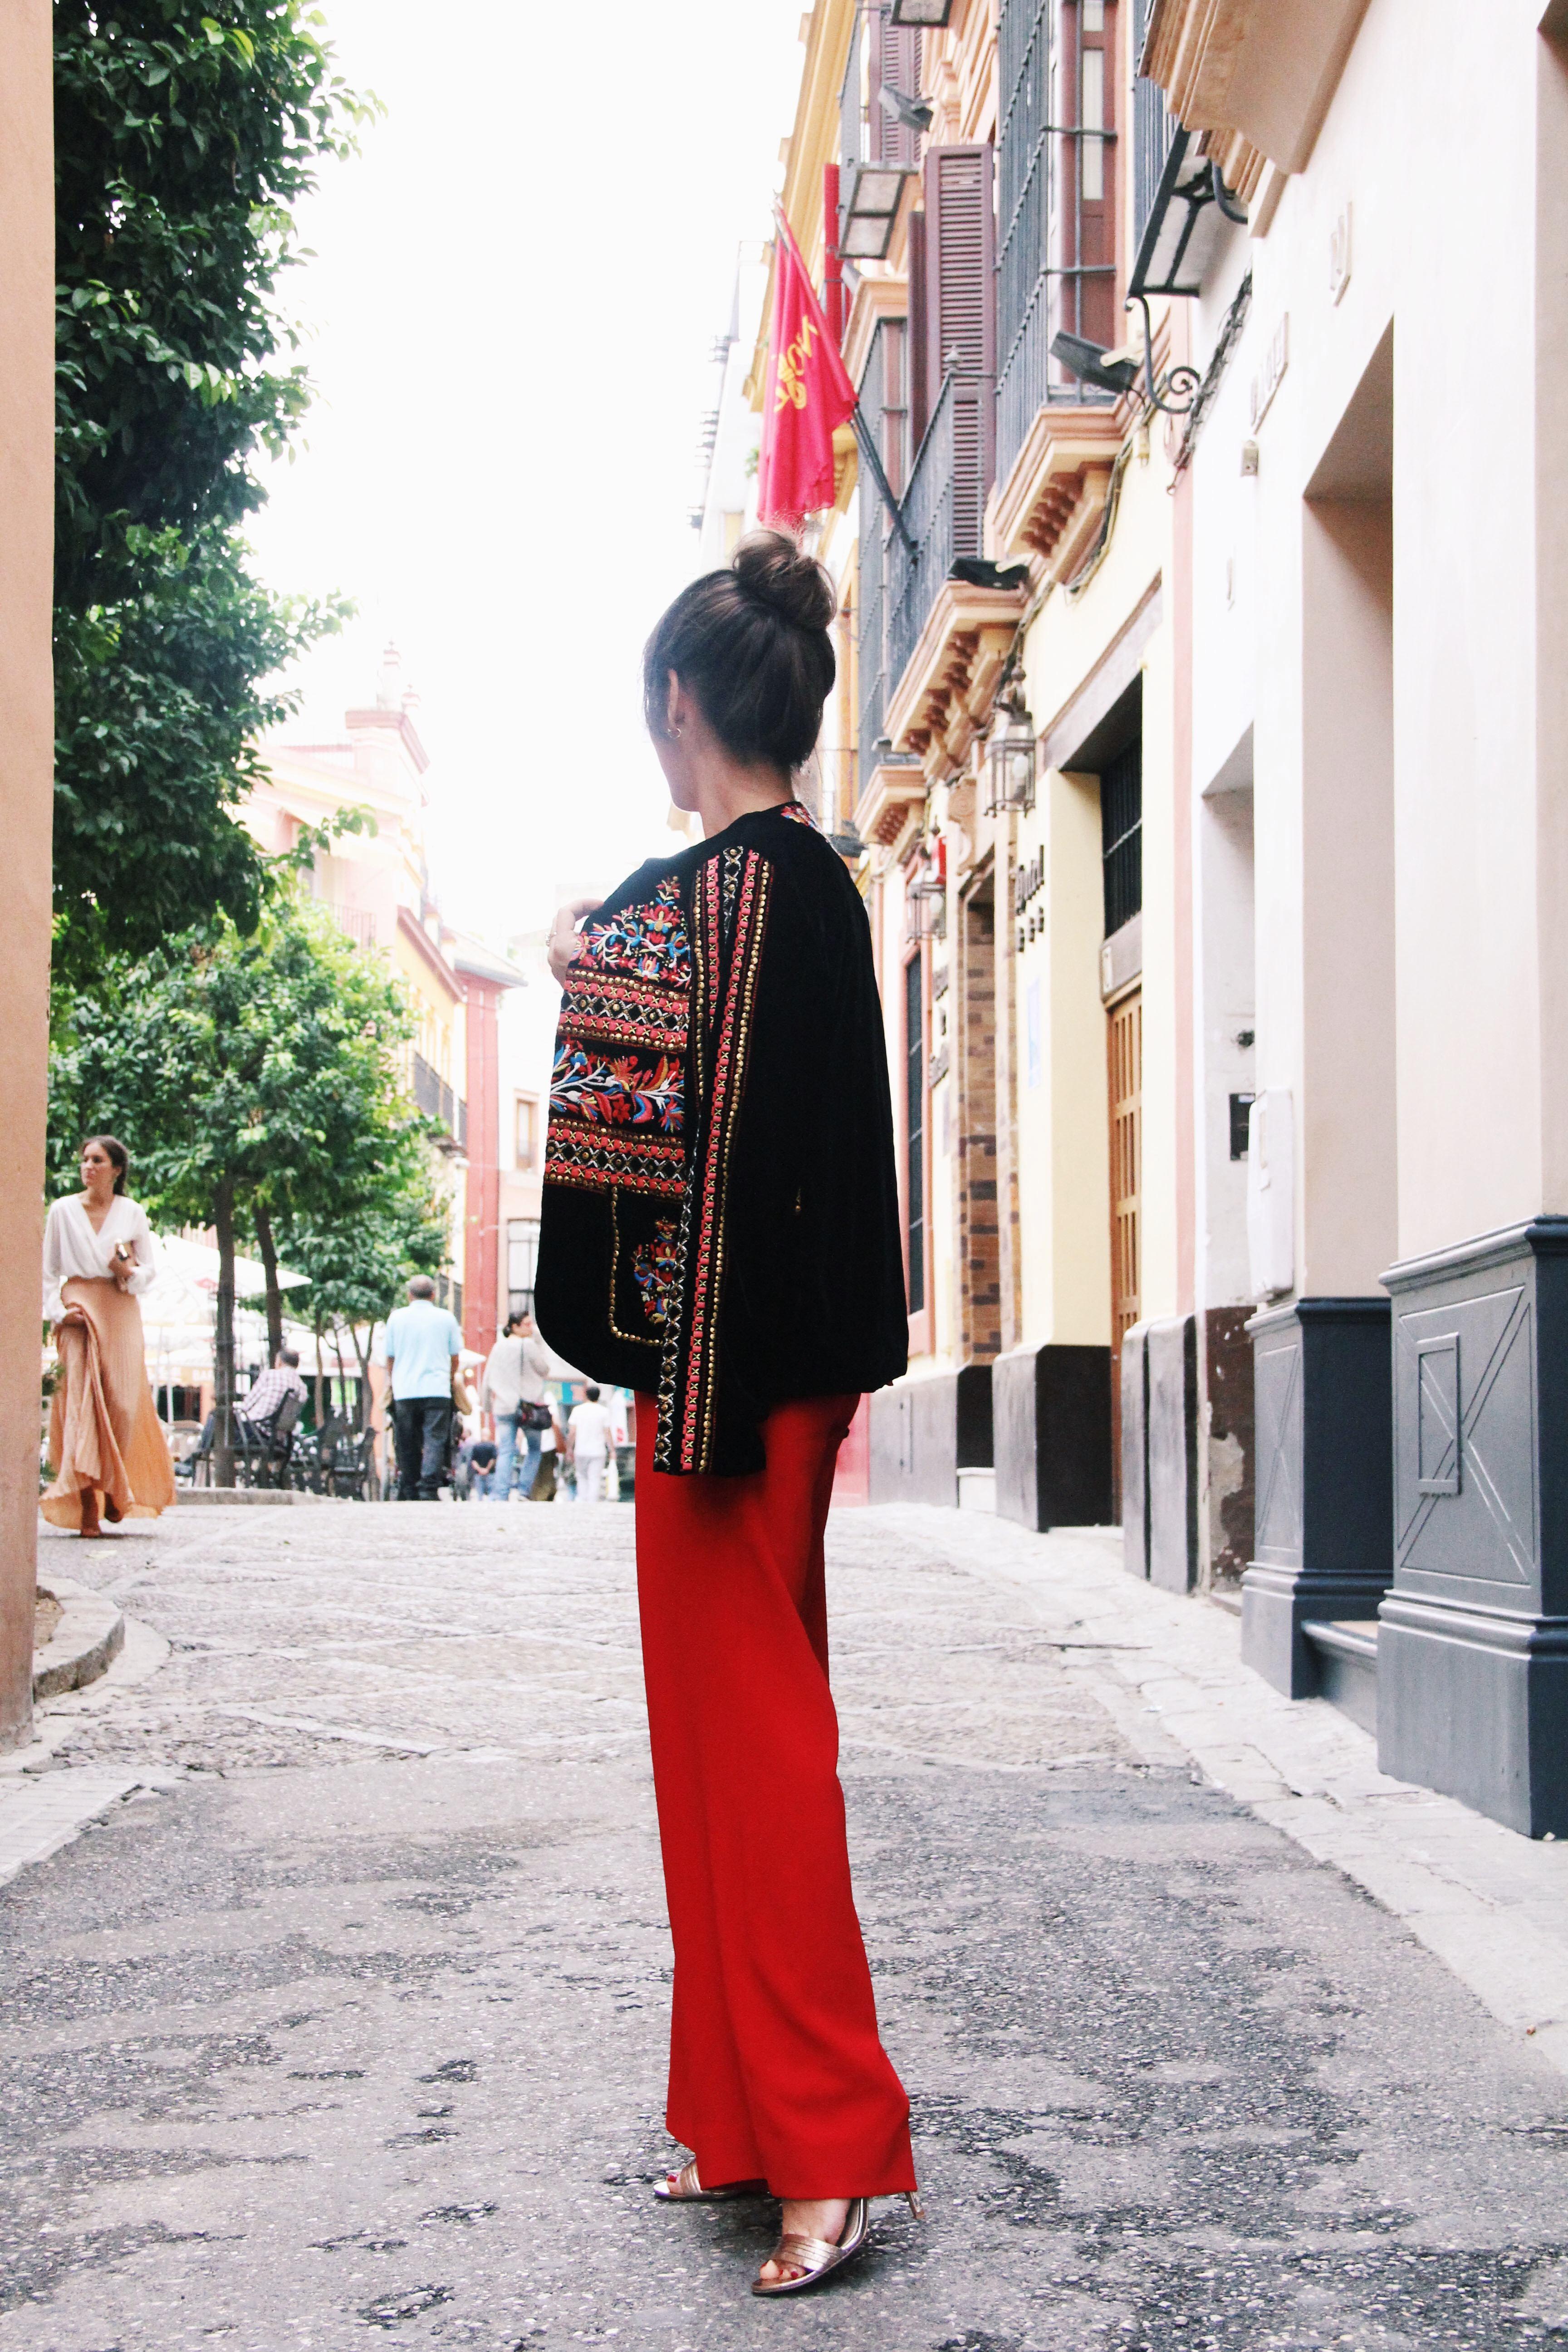 Zara- mono_rojo-Iook_de_boda-cinturon_de_pluma-complementos_dorados- red_outfit- chaqueta_terciopelo_bordado- Less_is_more-5